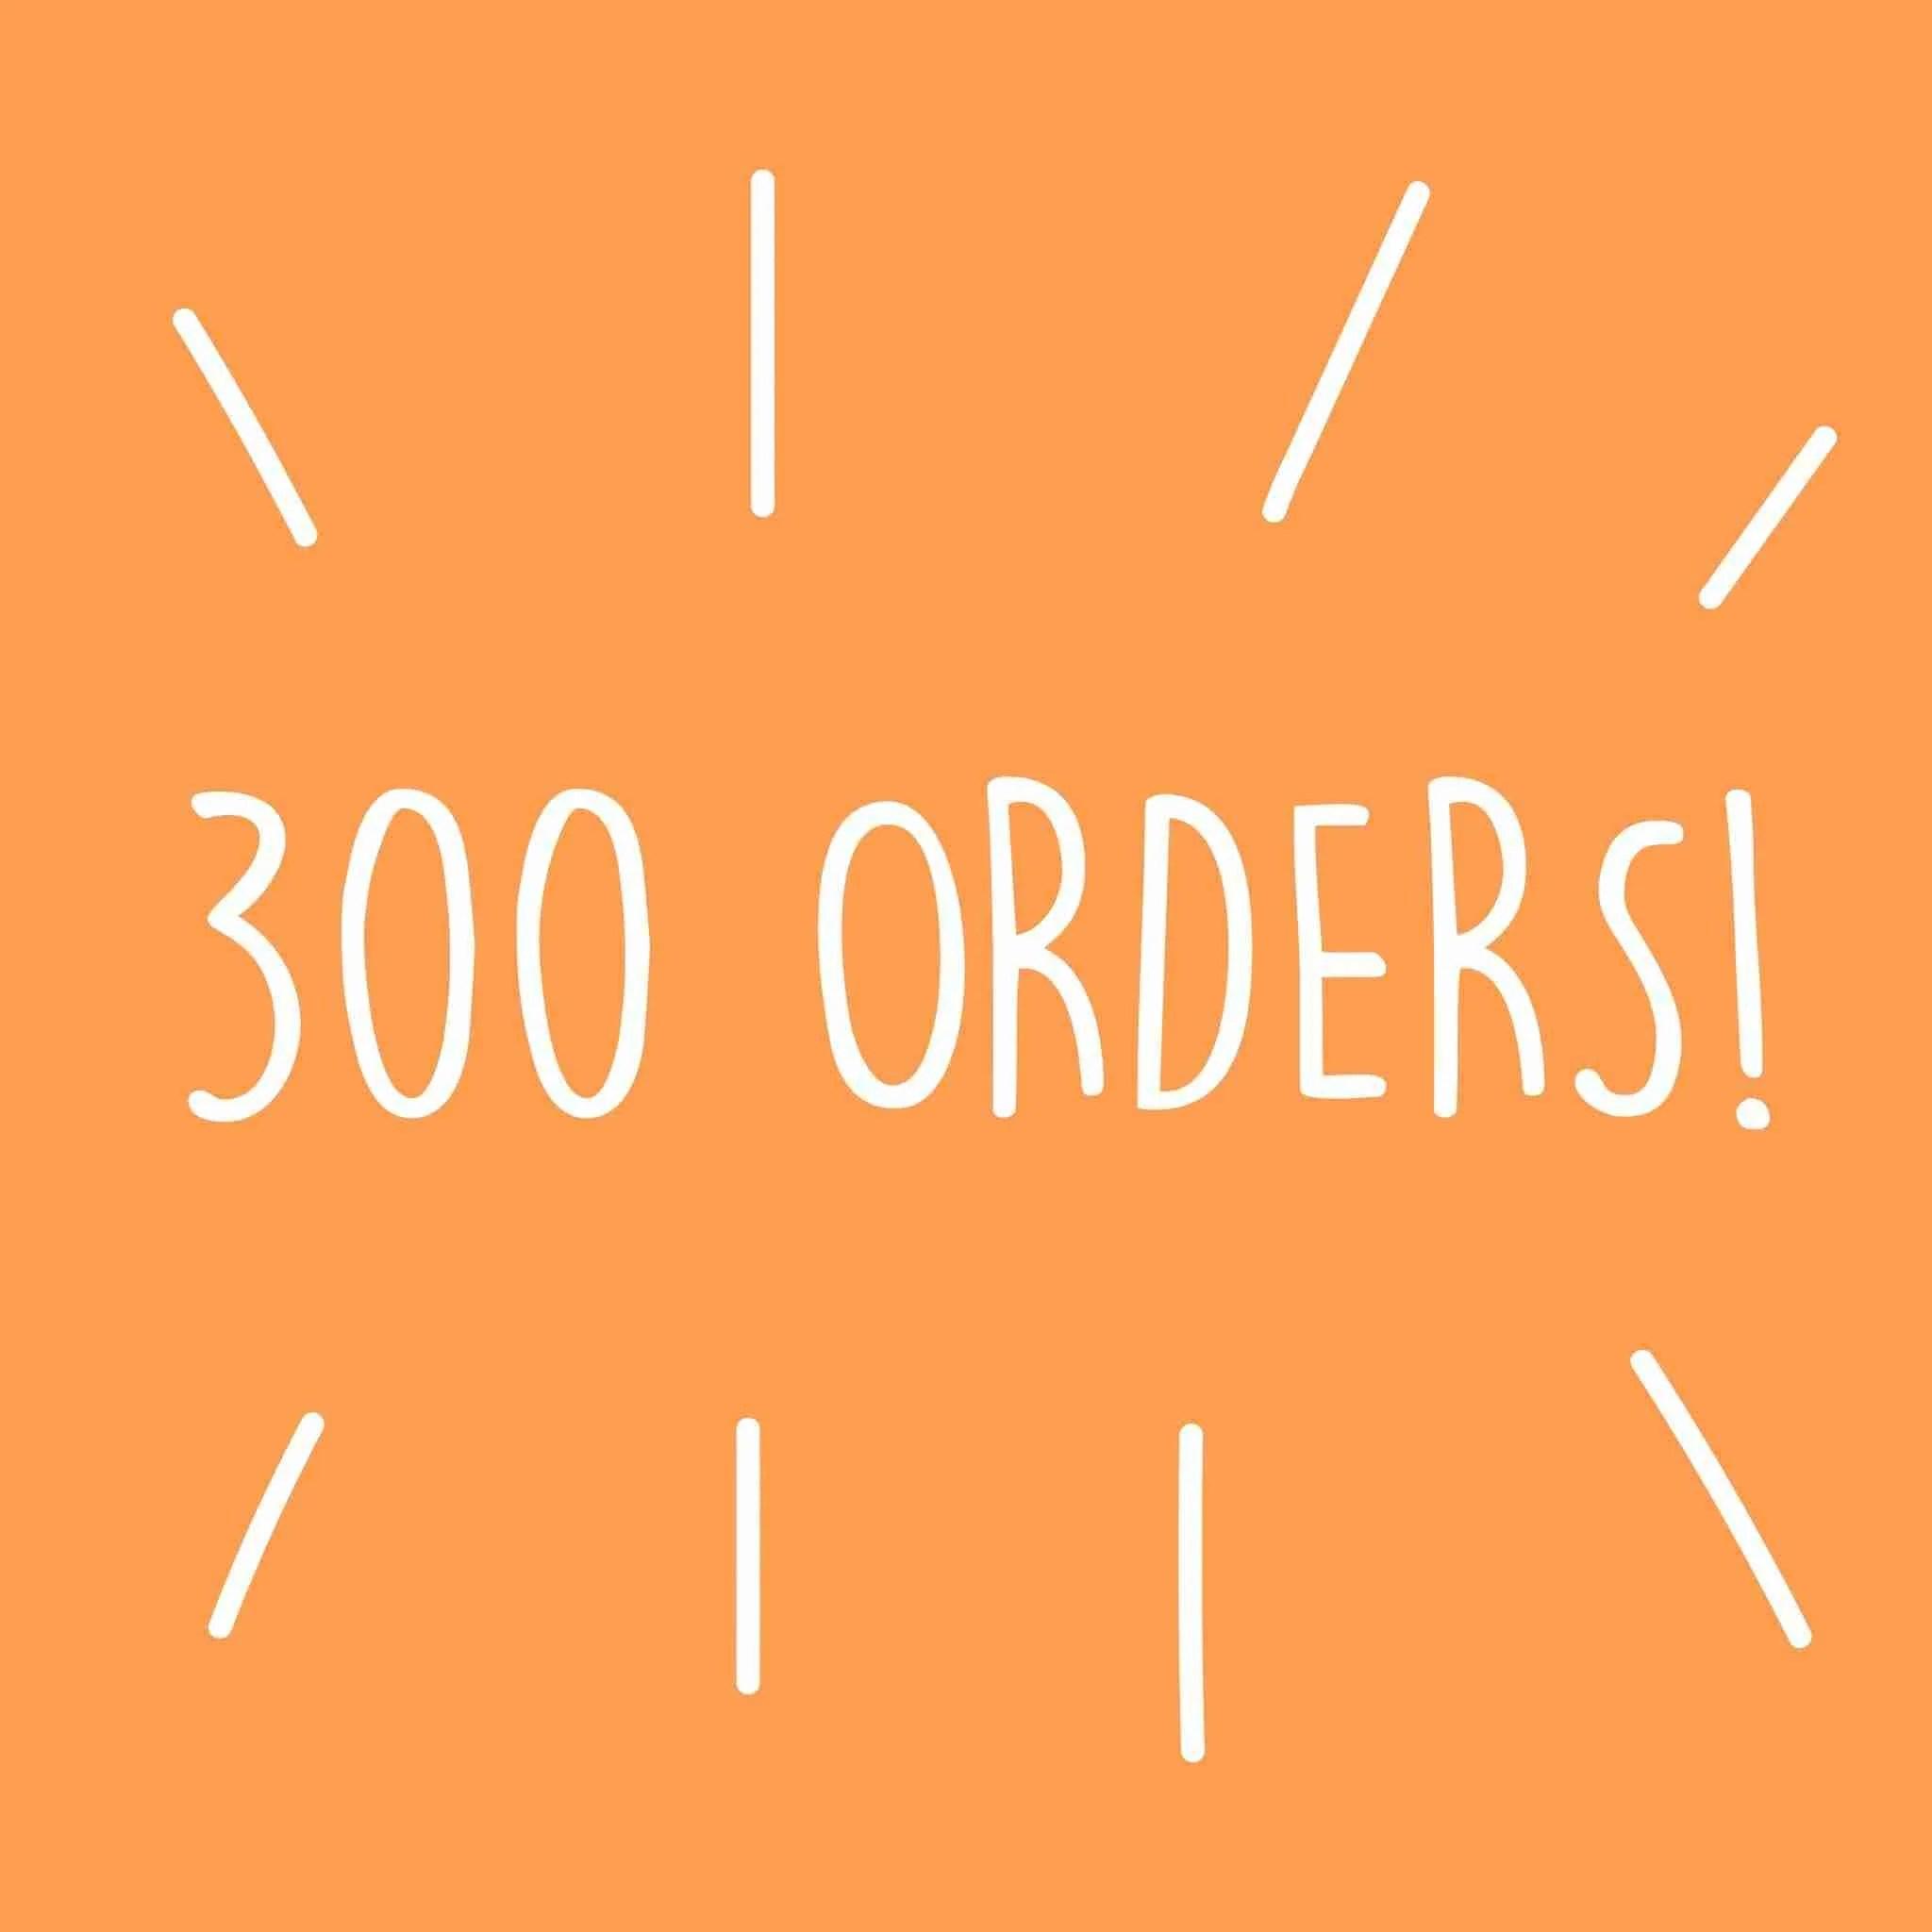 300 Orders!